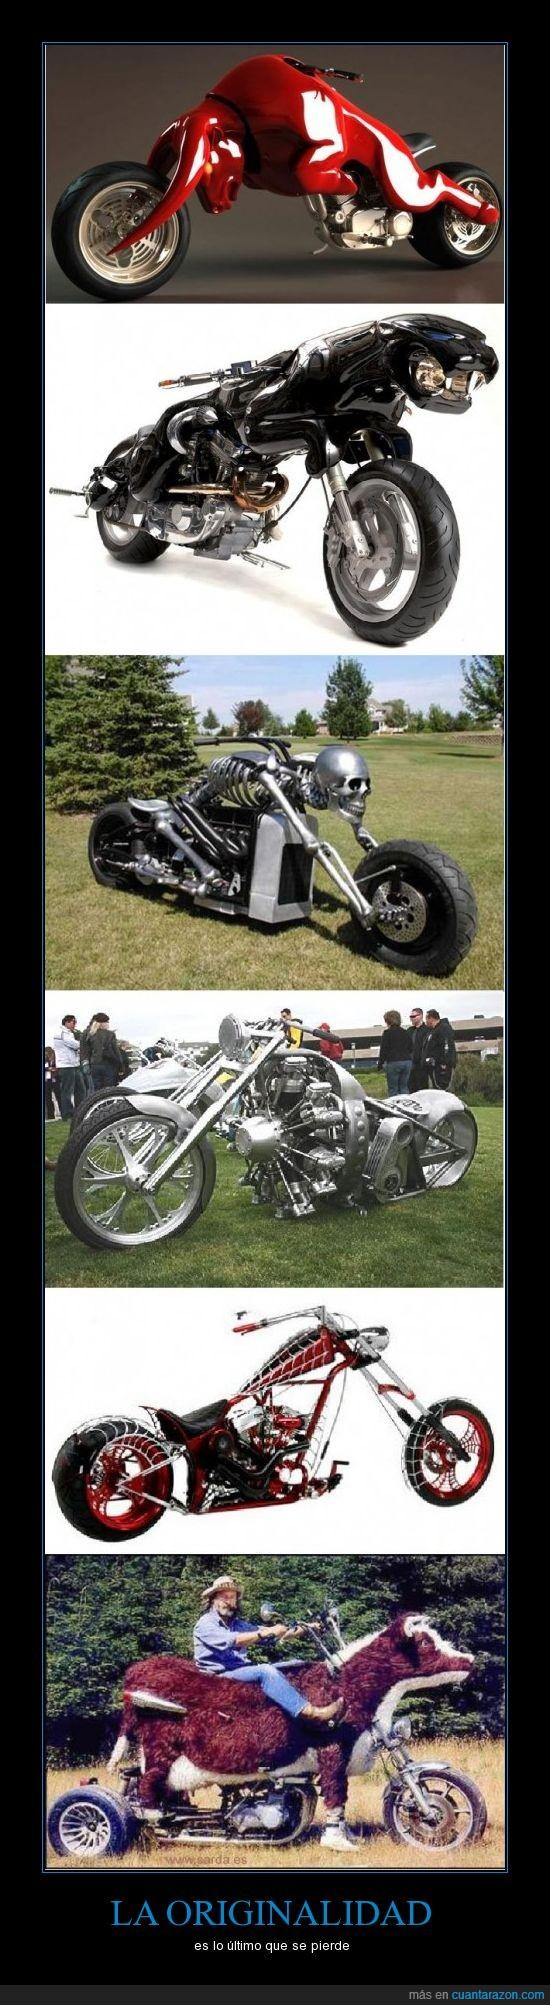 forma,motos,no hay nada comparado a la motovaca,original,tunning